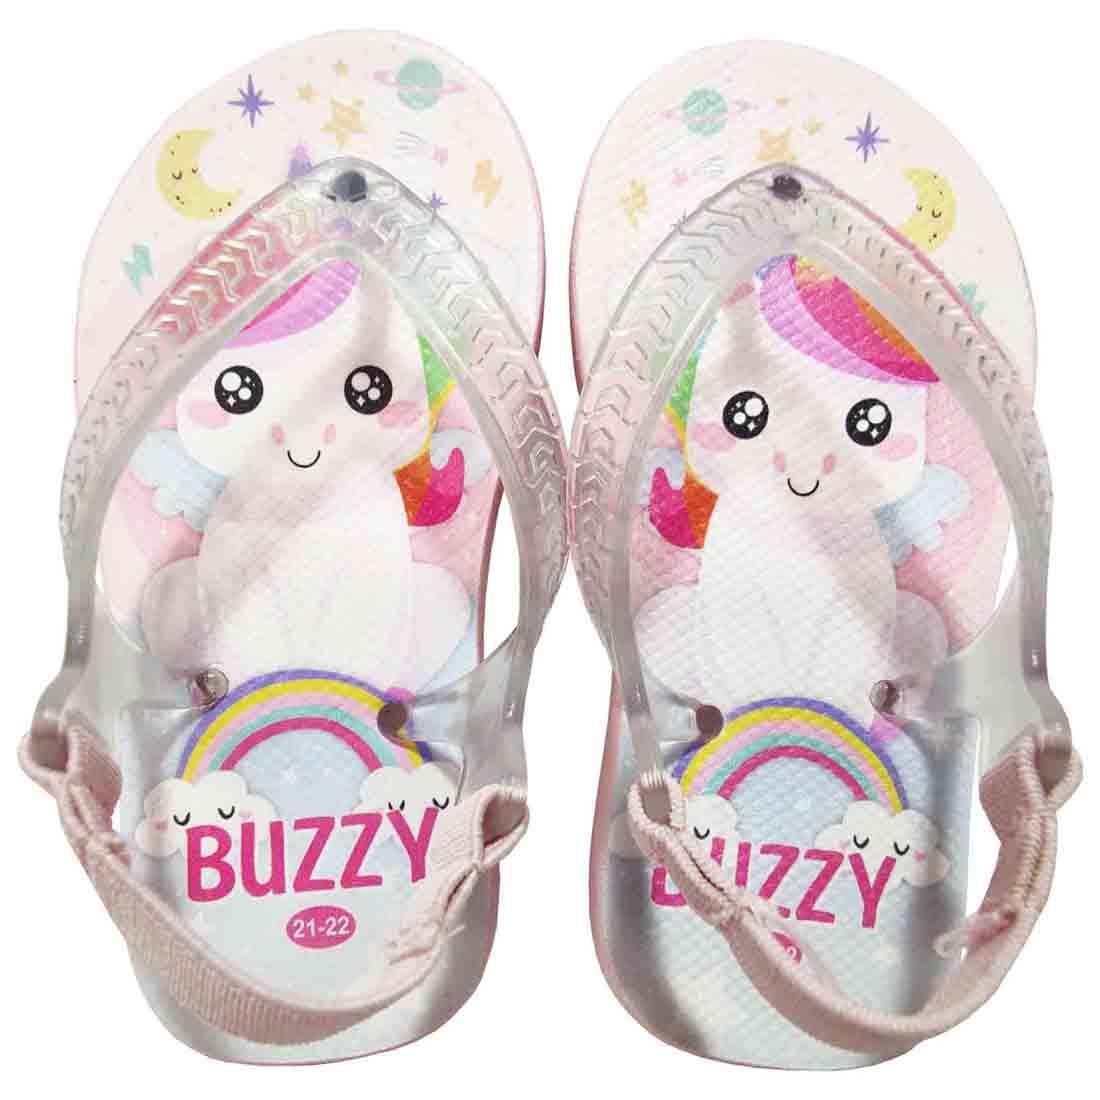 Chinelo Buzzy Sandália Infantil Unicórnio Bebê Meninas BZ030